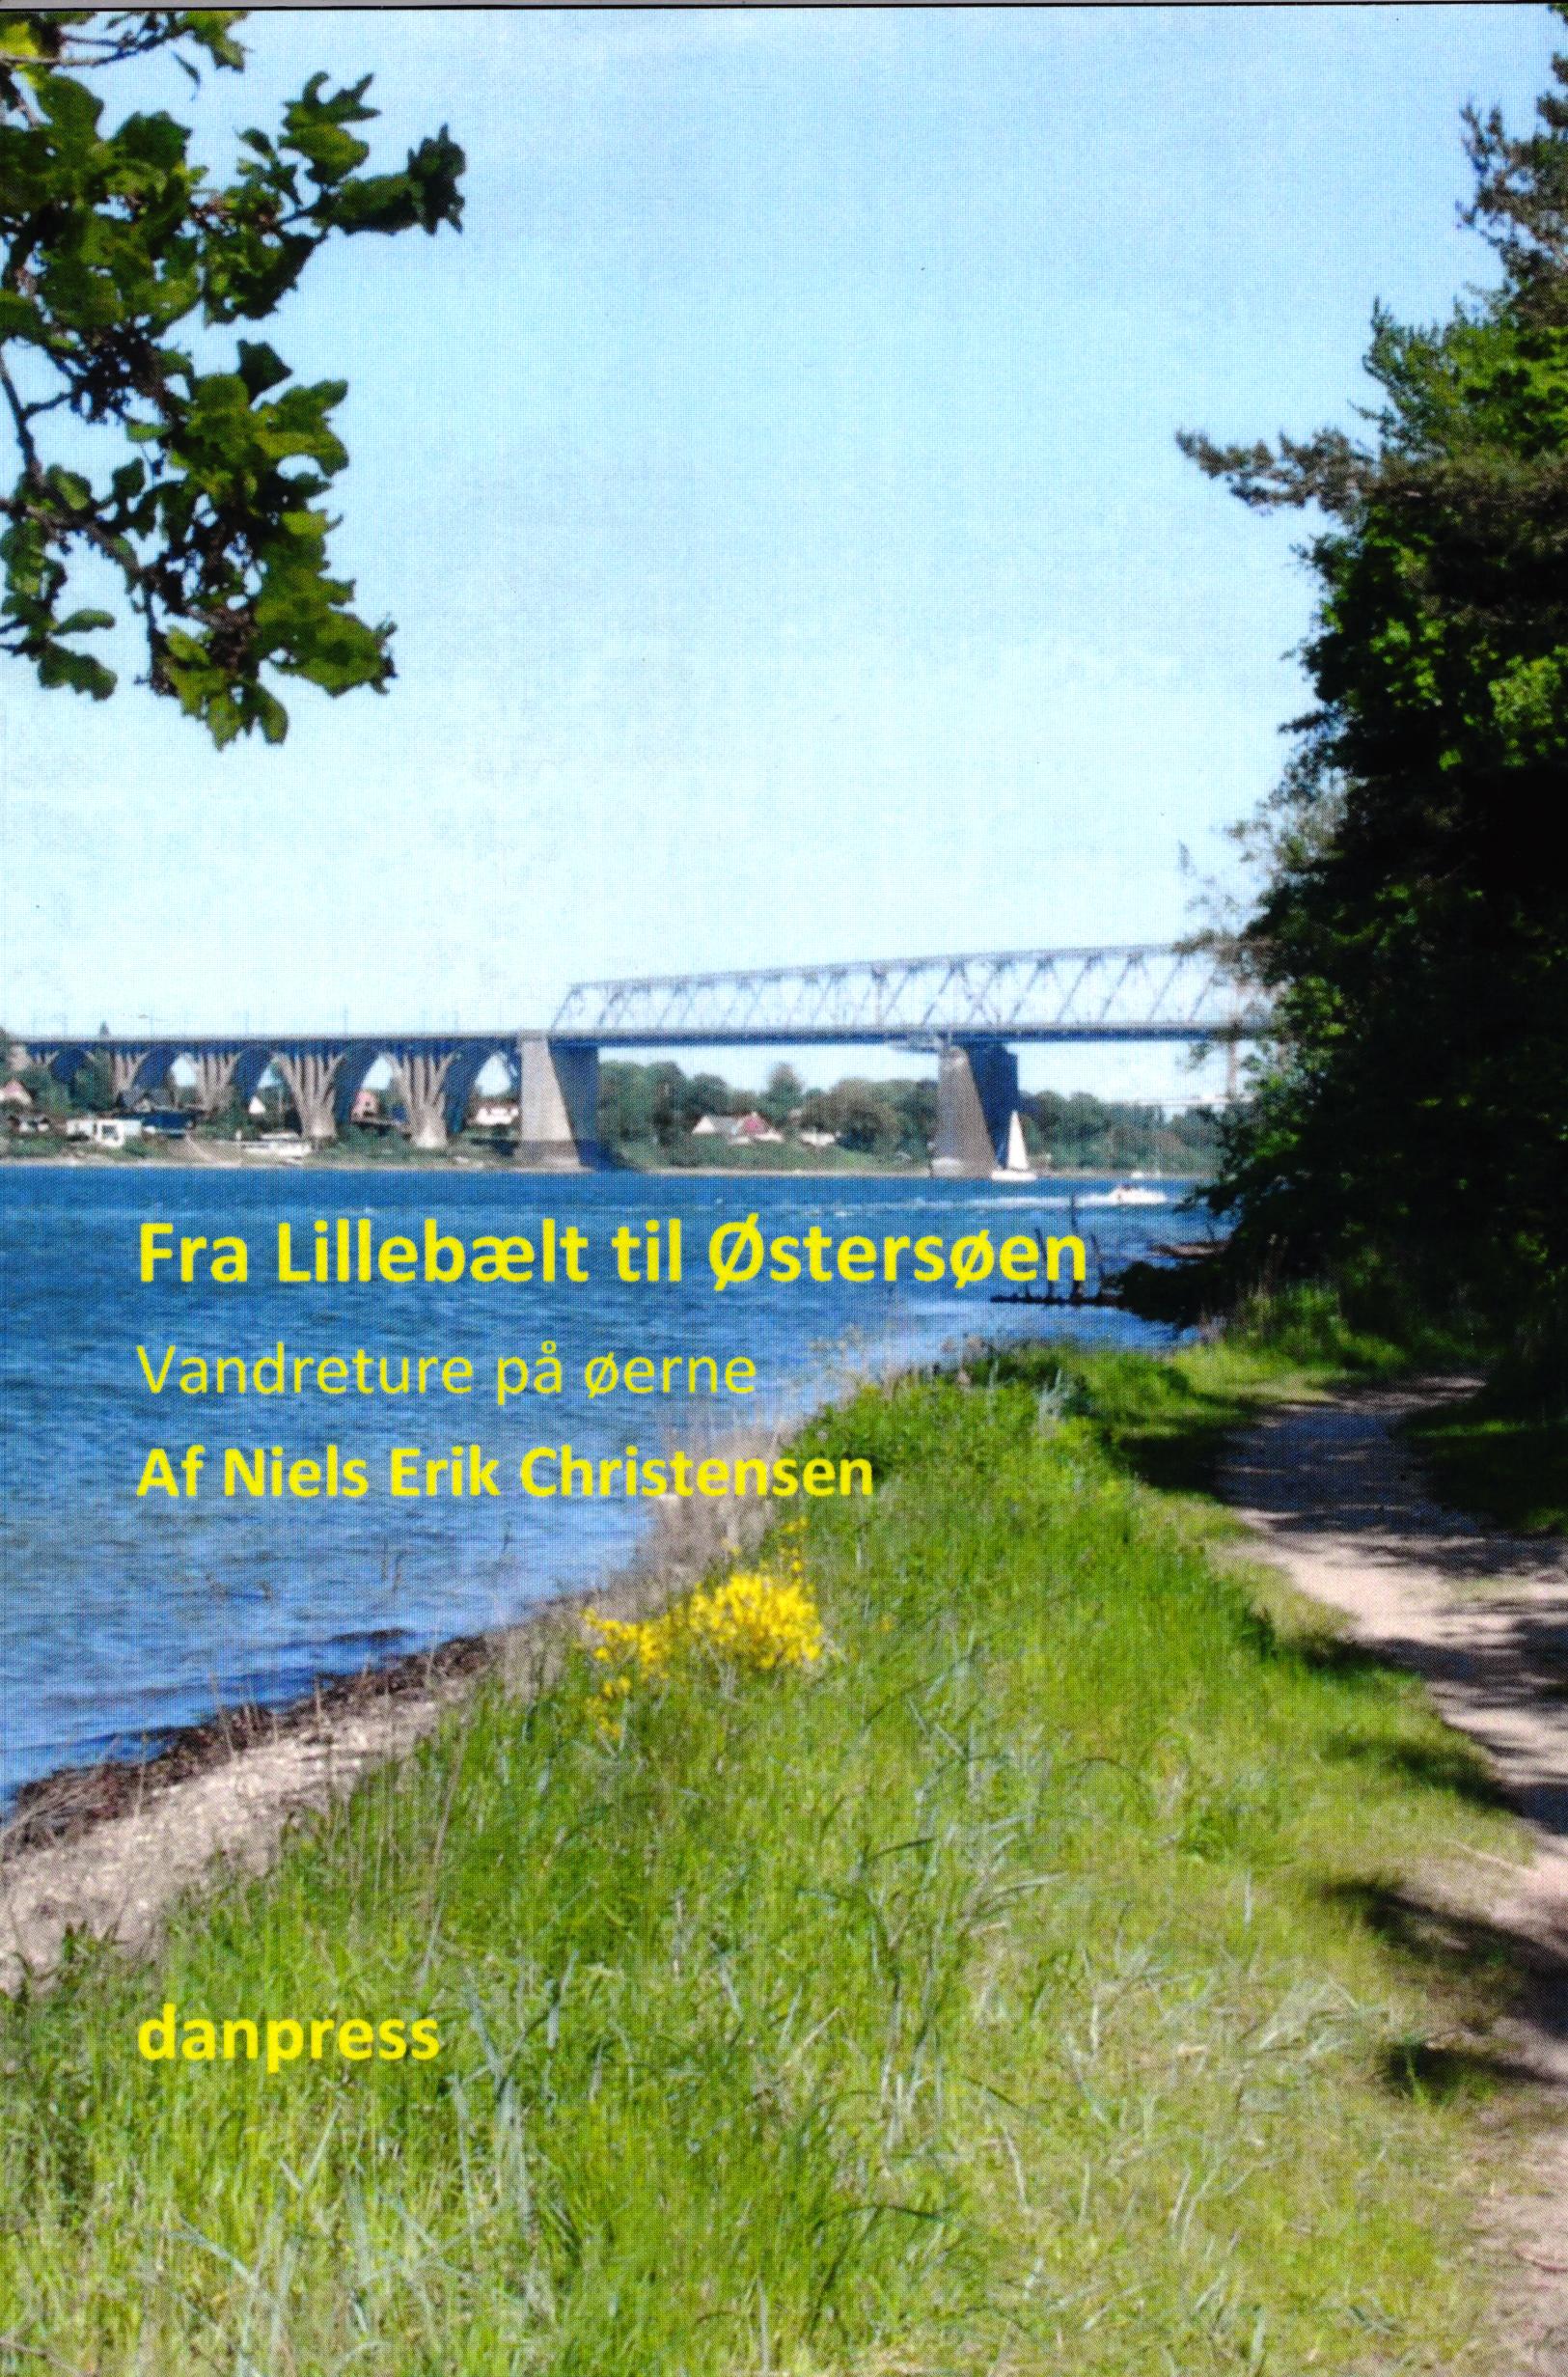 Fra Lillebælt til Østersøen